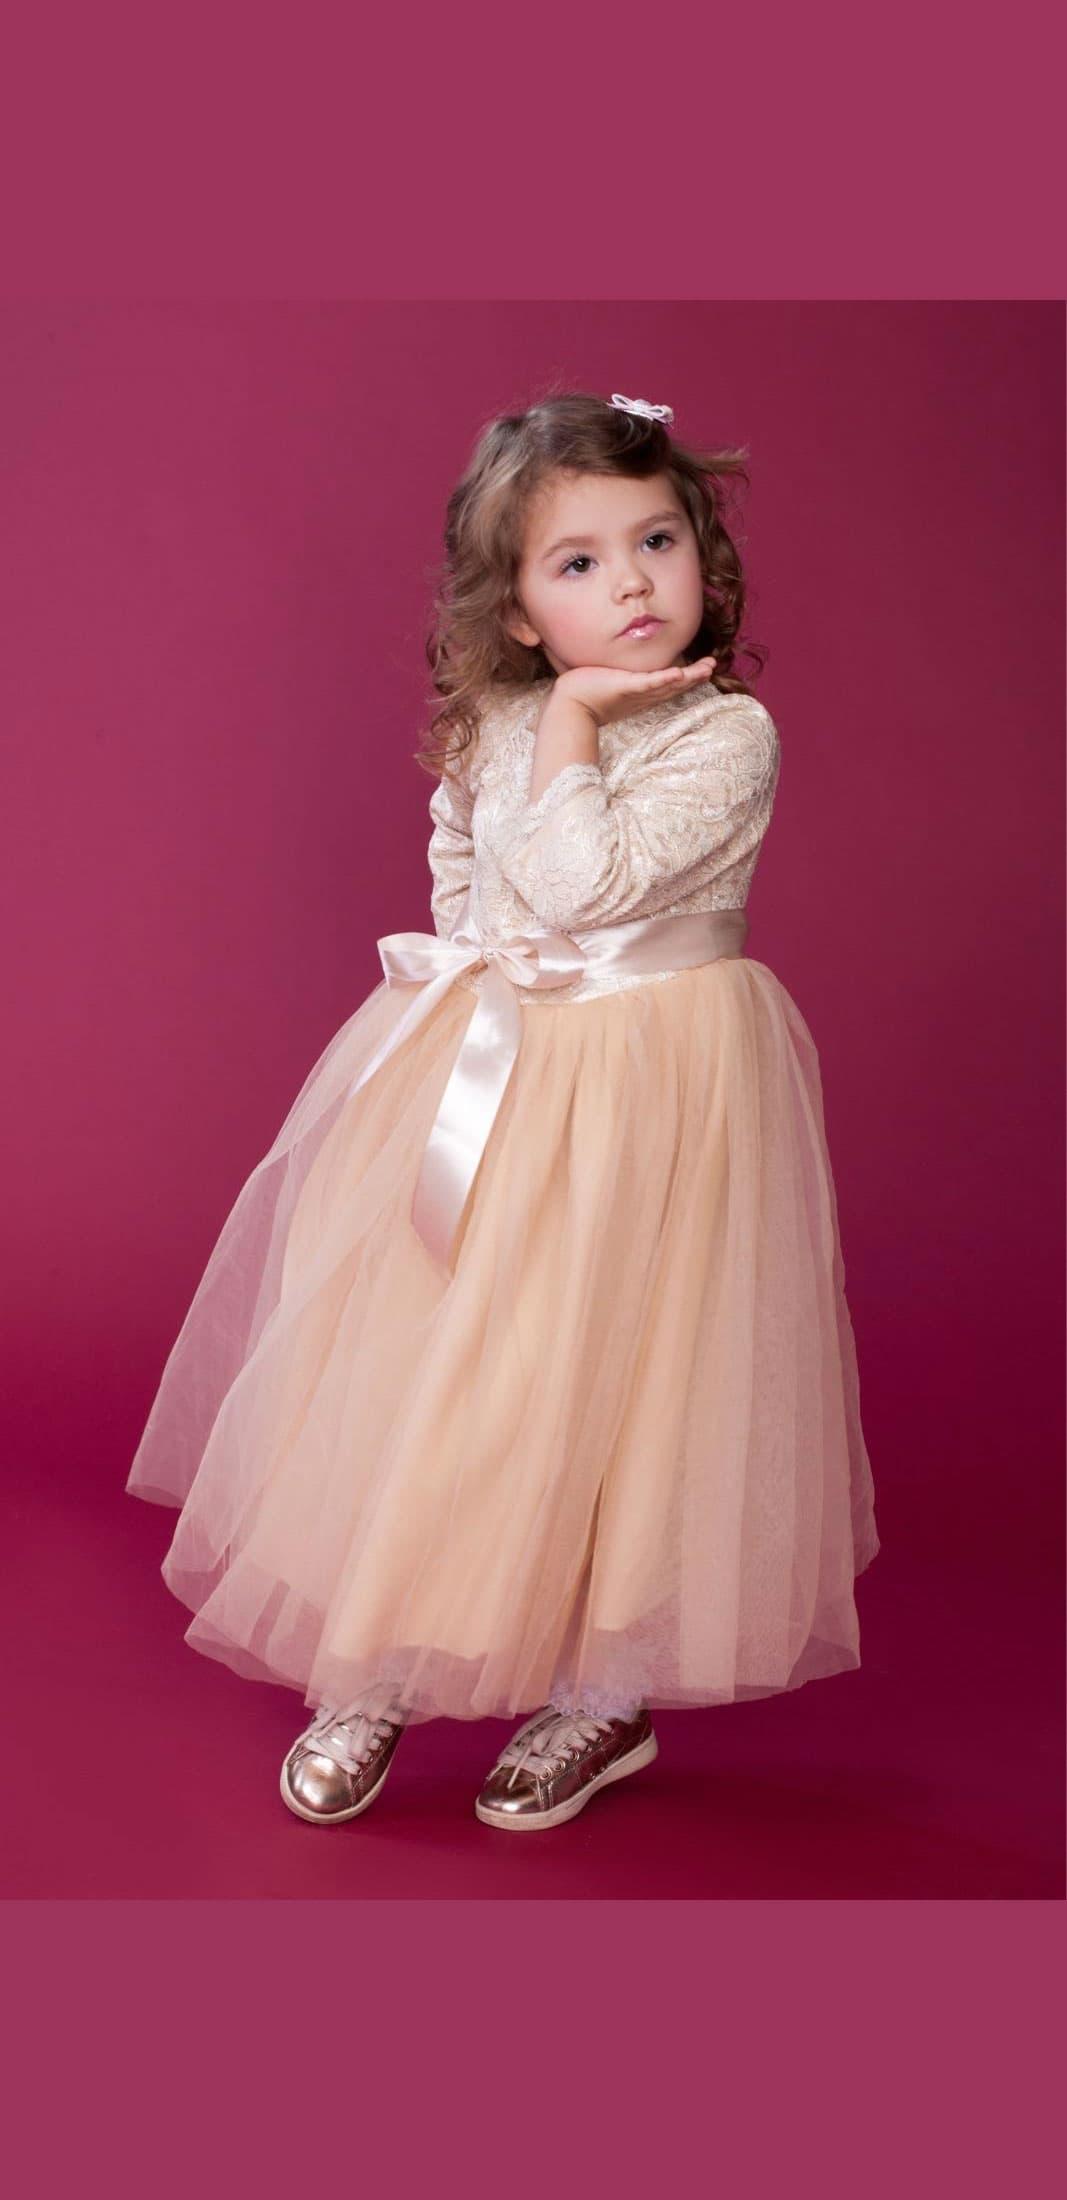 """Святкове плаття для дівчинки """"Принцеса"""" – Tiny Heart Brand ... 6bd89cd91a49d"""